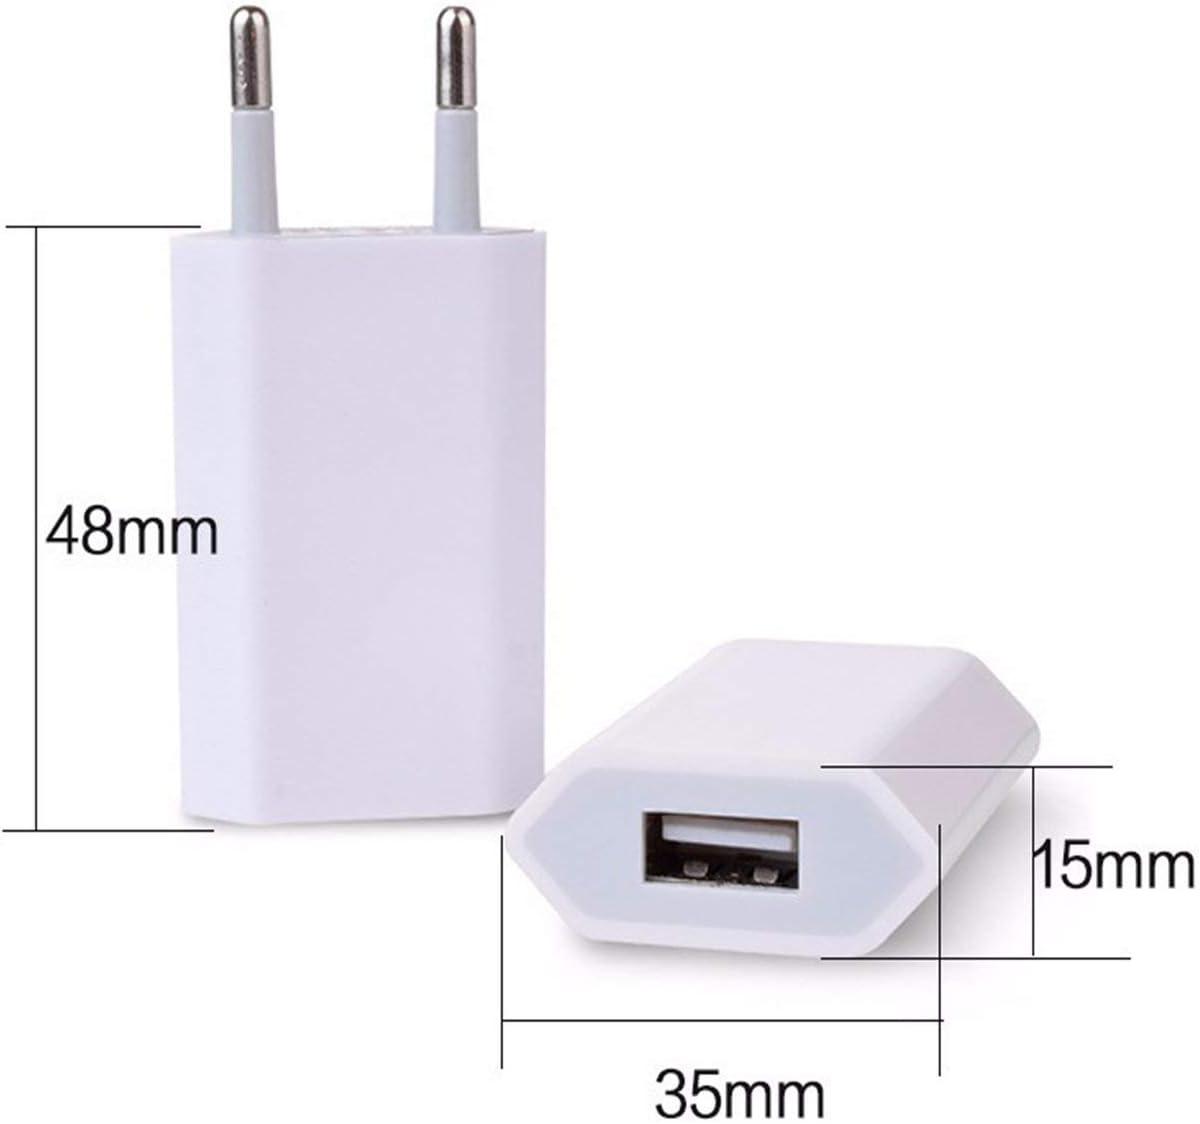 Leoboone Chargeur Mural USB Adaptateur Chargeur Chargeur 5V 1A Port USB Simple Chargeur Cube de Prise Chargeur Rapide pour iPhone 7 6S Plus 6 Plus 6S